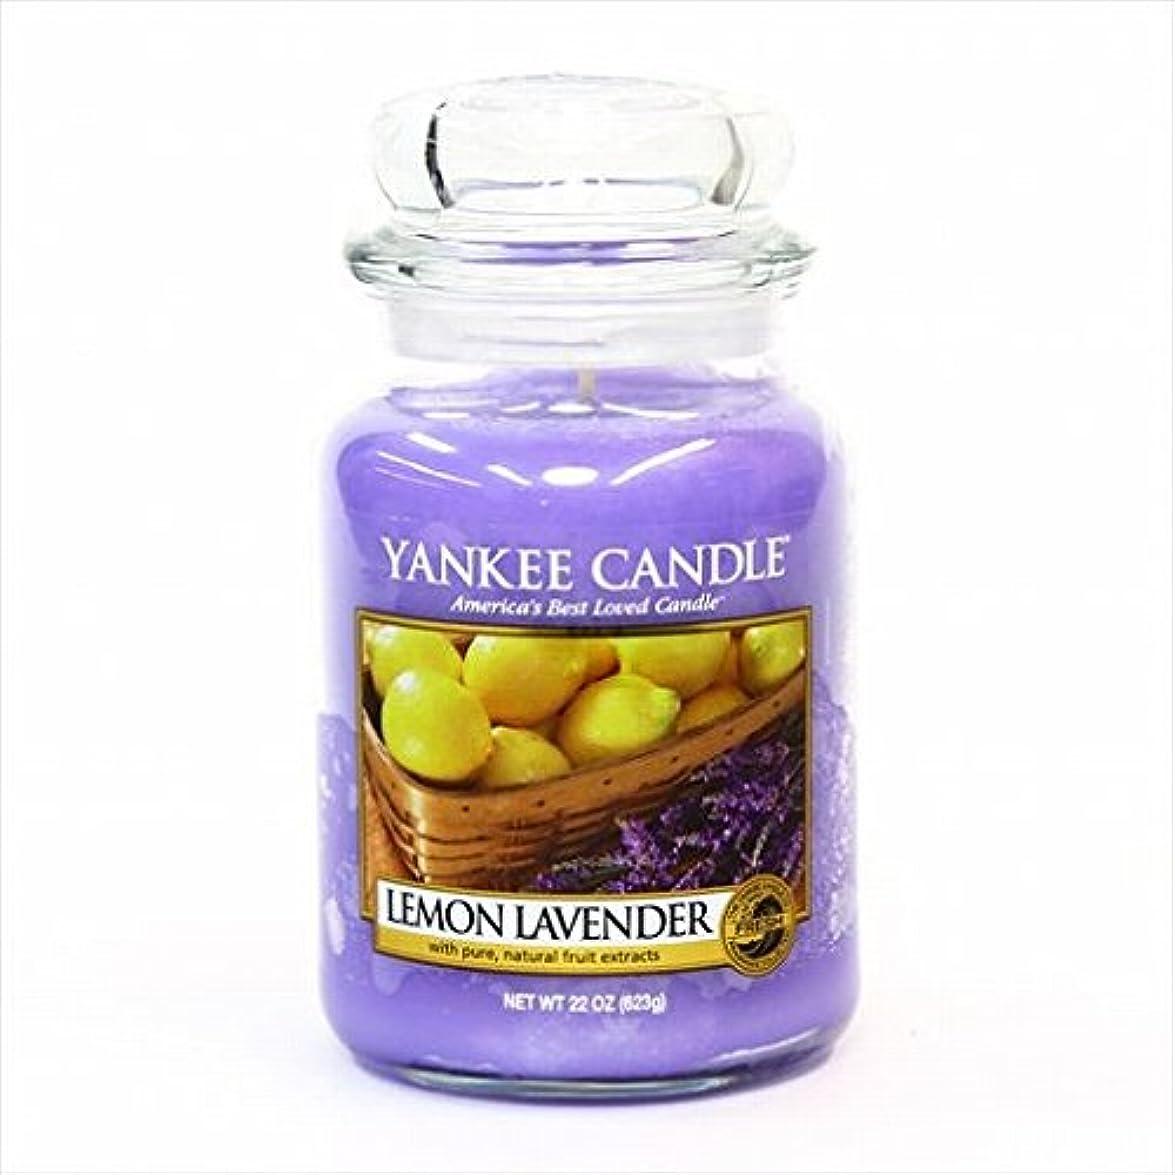 パキスタン人裁量おそらくカメヤマキャンドル( kameyama candle ) YANKEE CANDLE ジャーL 「 レモンラベンダー 」